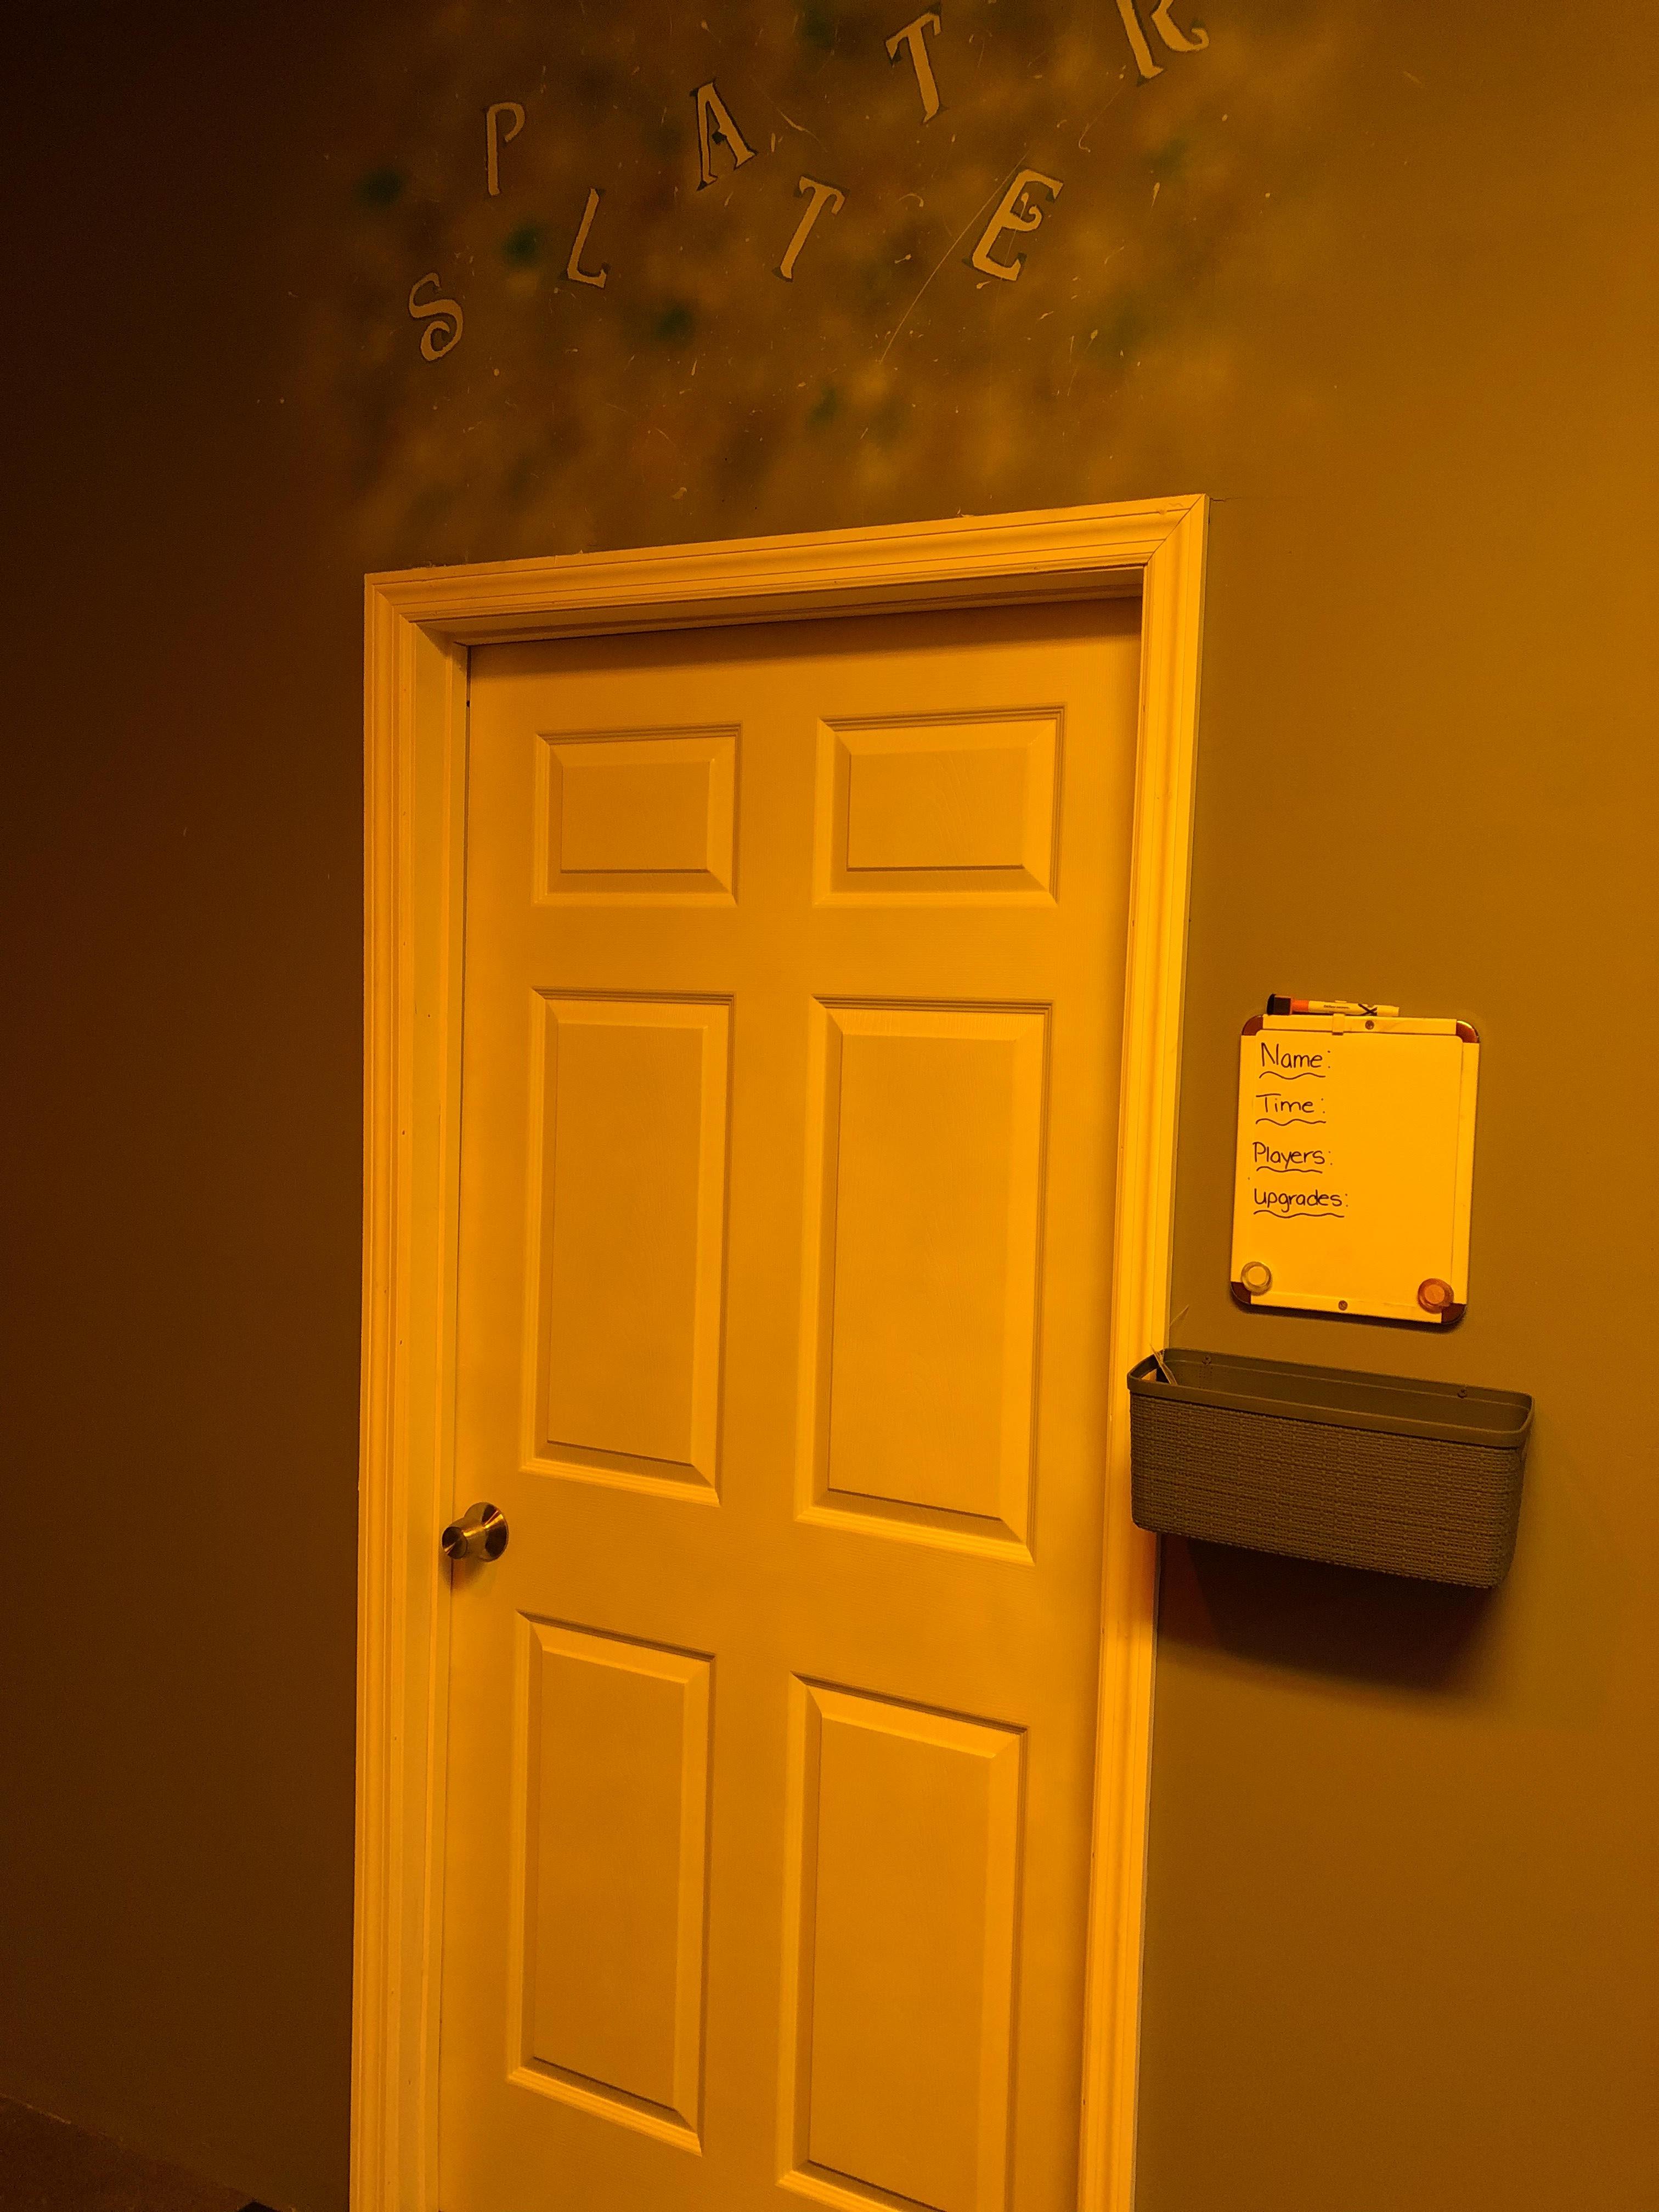 Splatter room photo